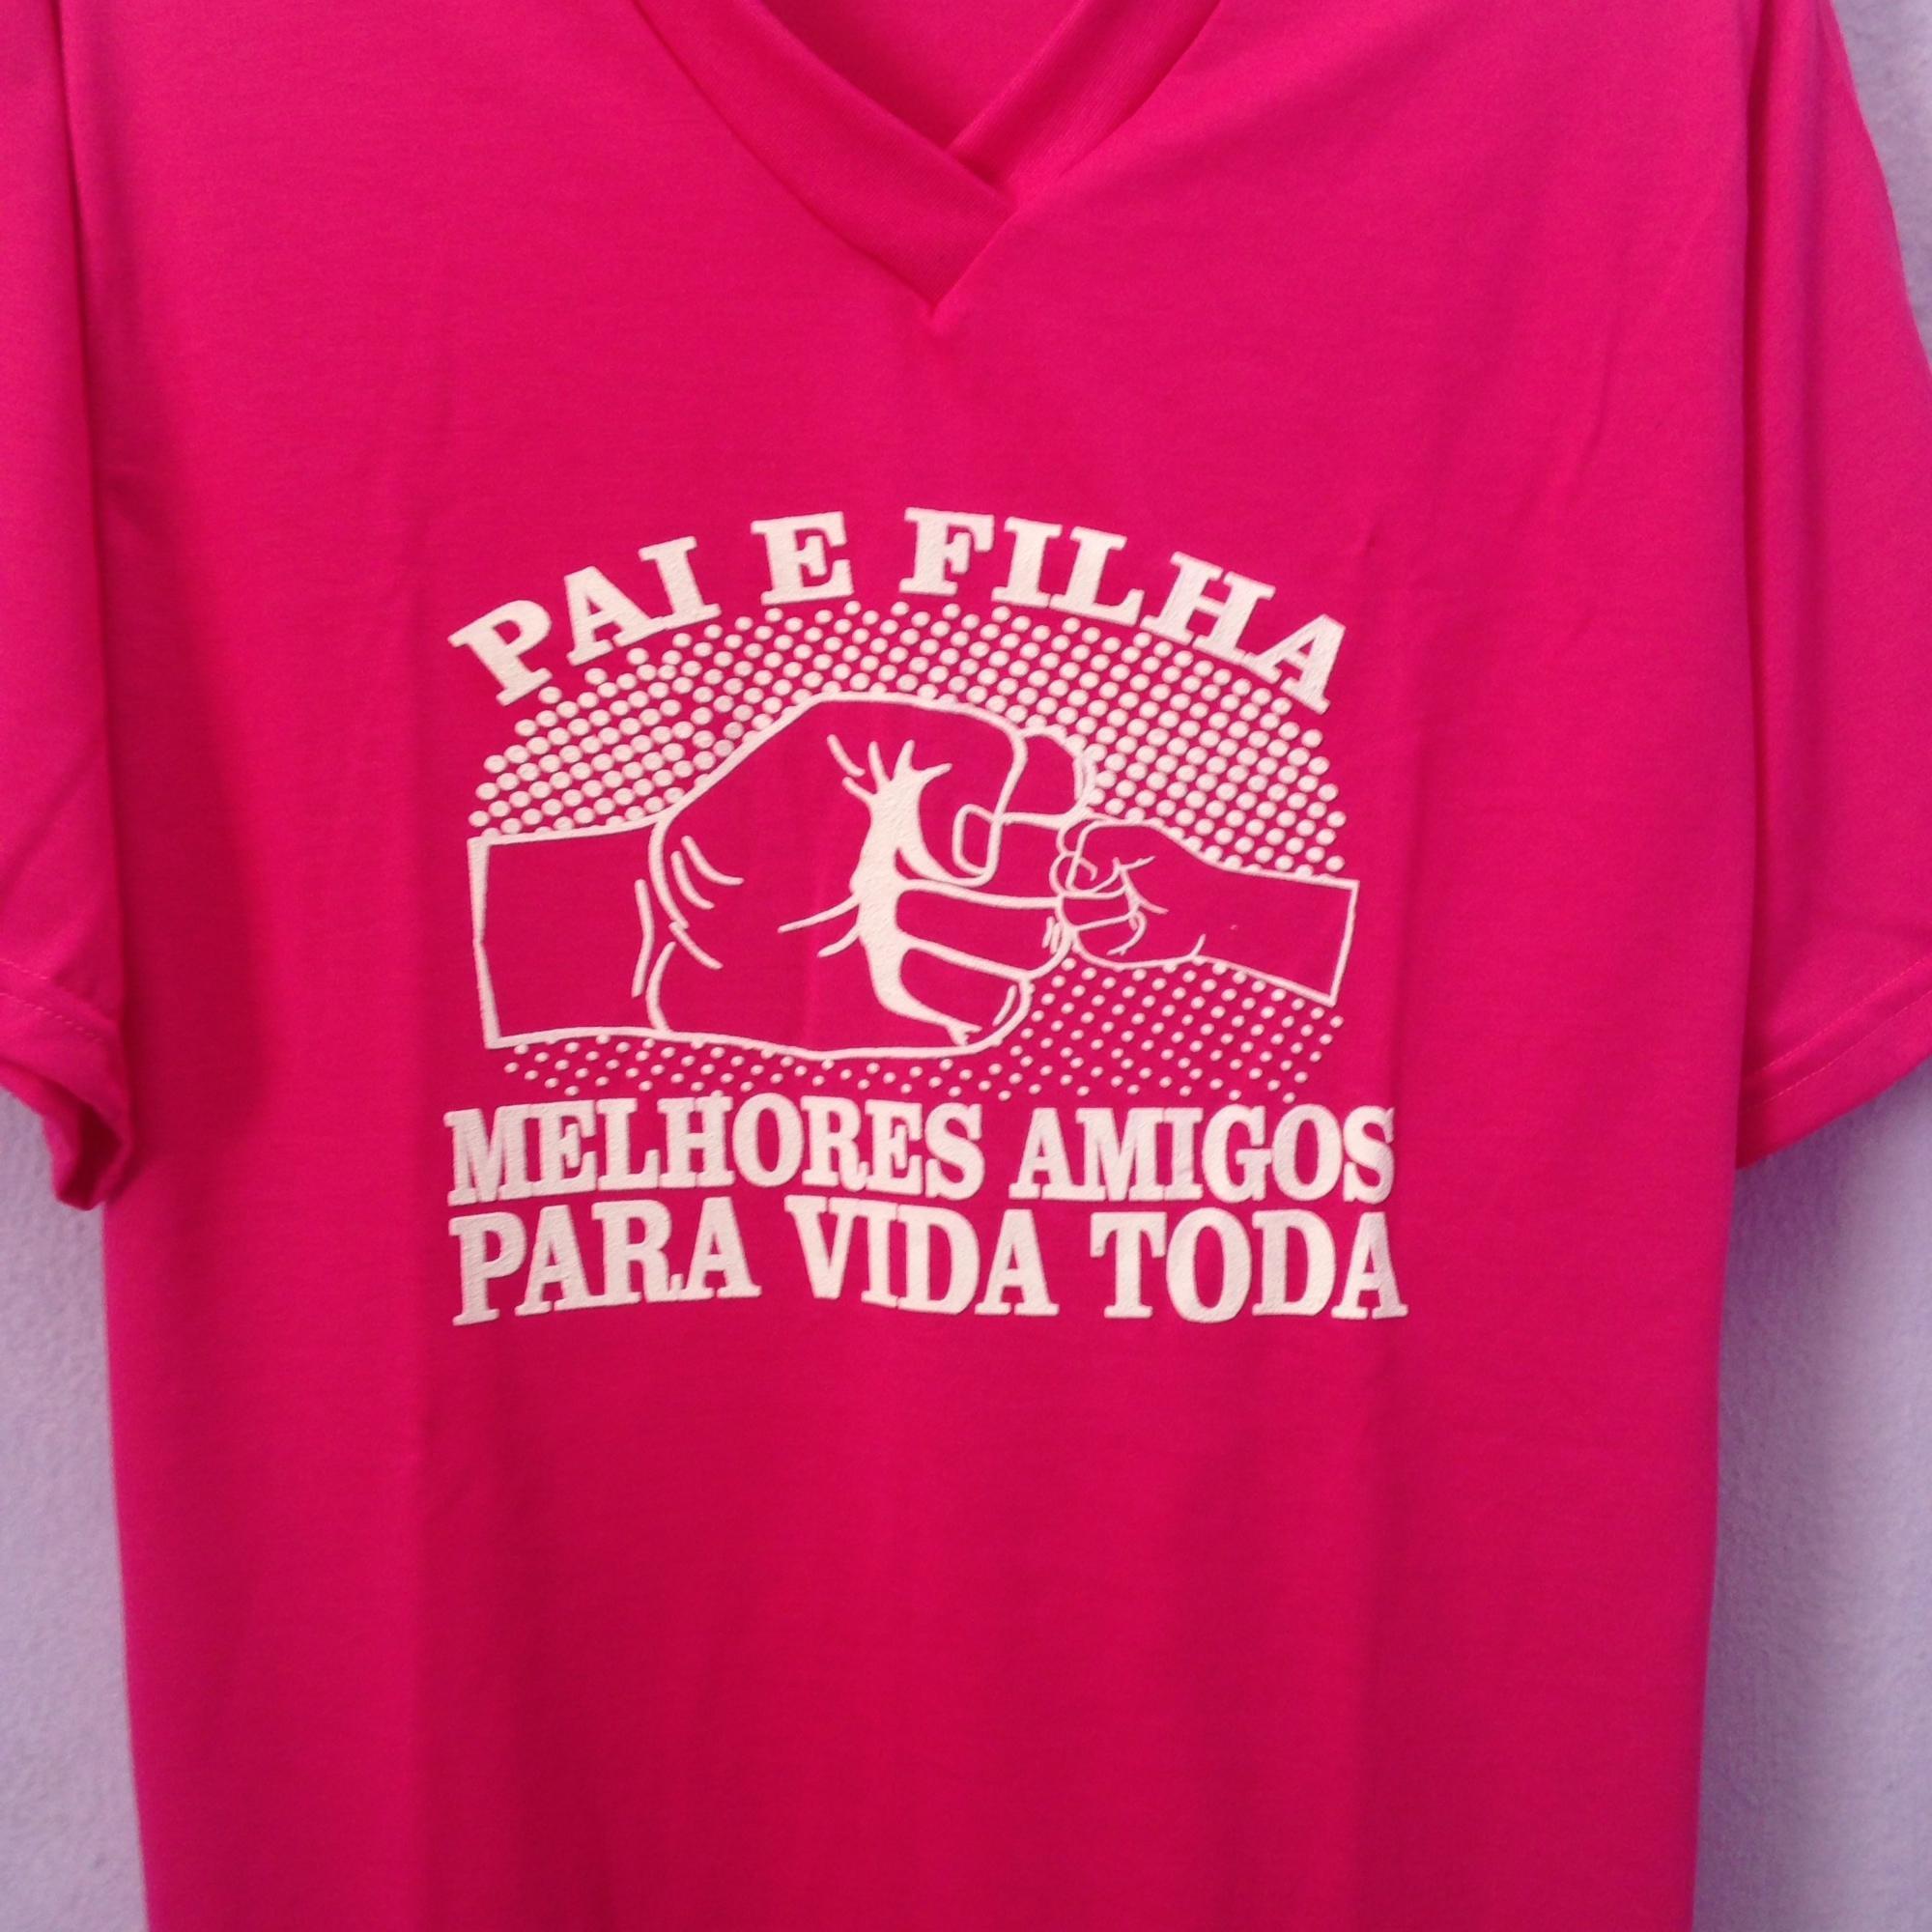 Camiseta Pai E Filha No Elo7 Sm Camisetas 83bc2a